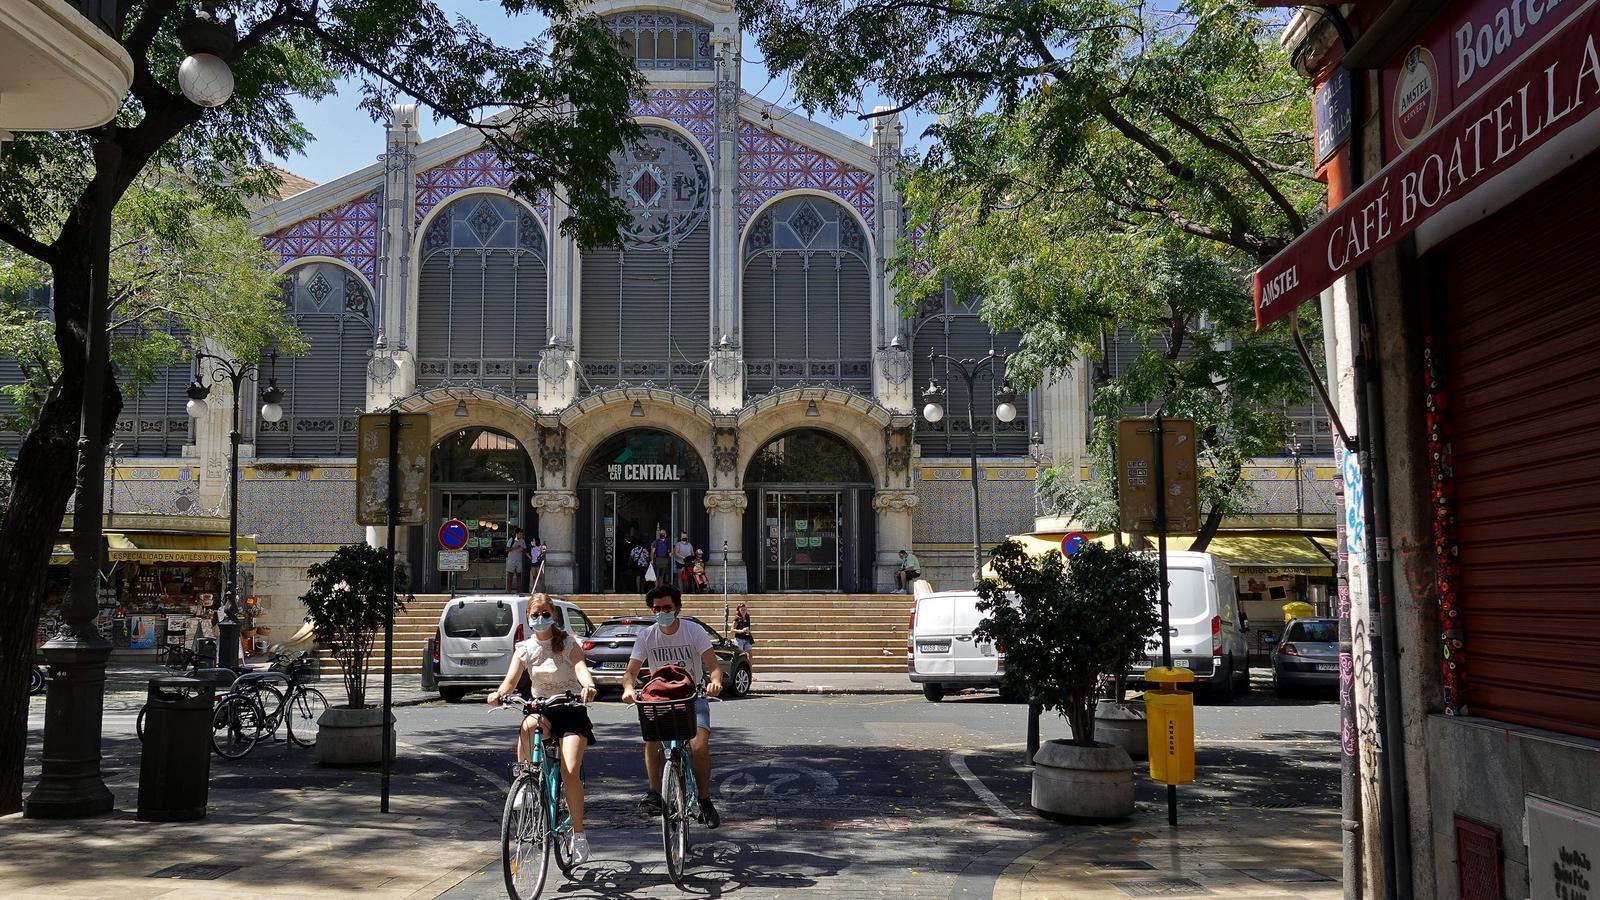 Dues persones passegen amb bicicleta per davant del Mercat Central